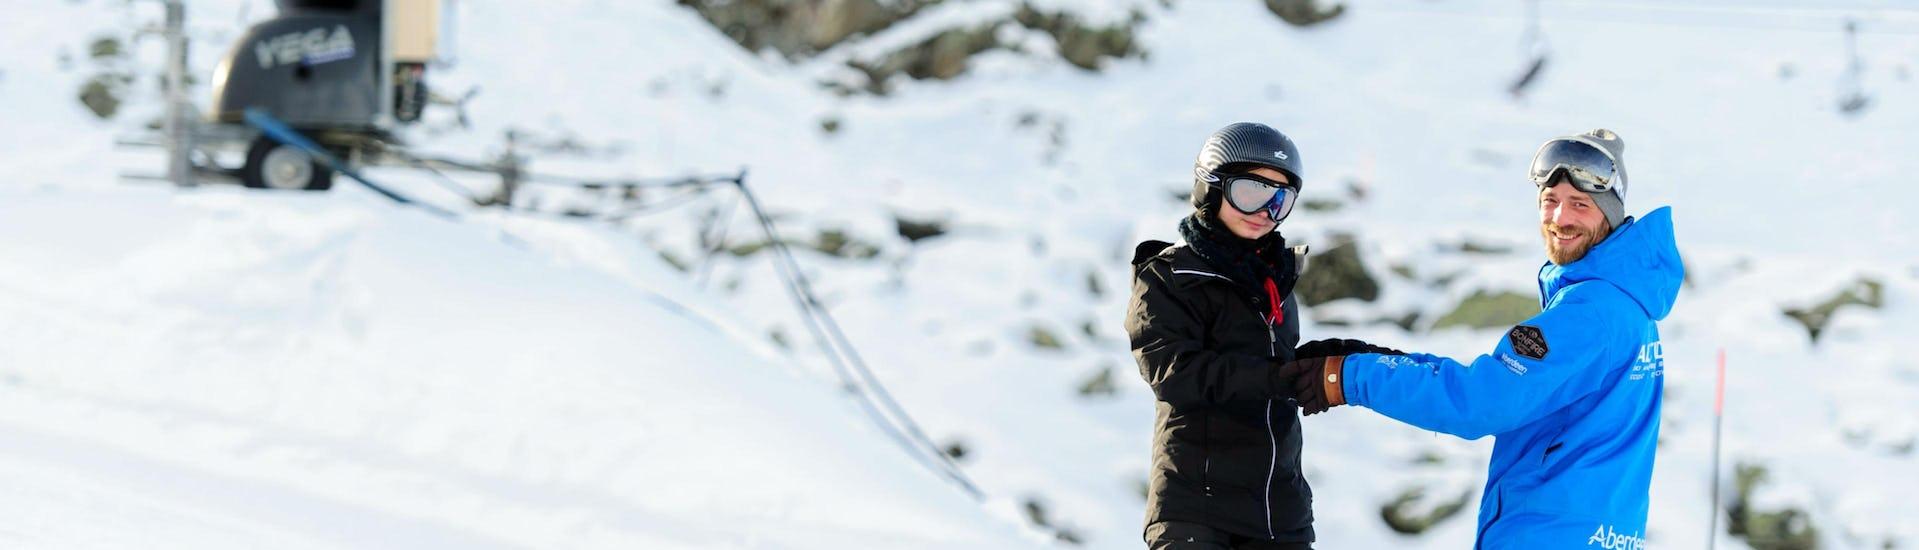 Snowboard Privatlehrer - Alle Altersgruppen - Gstaad